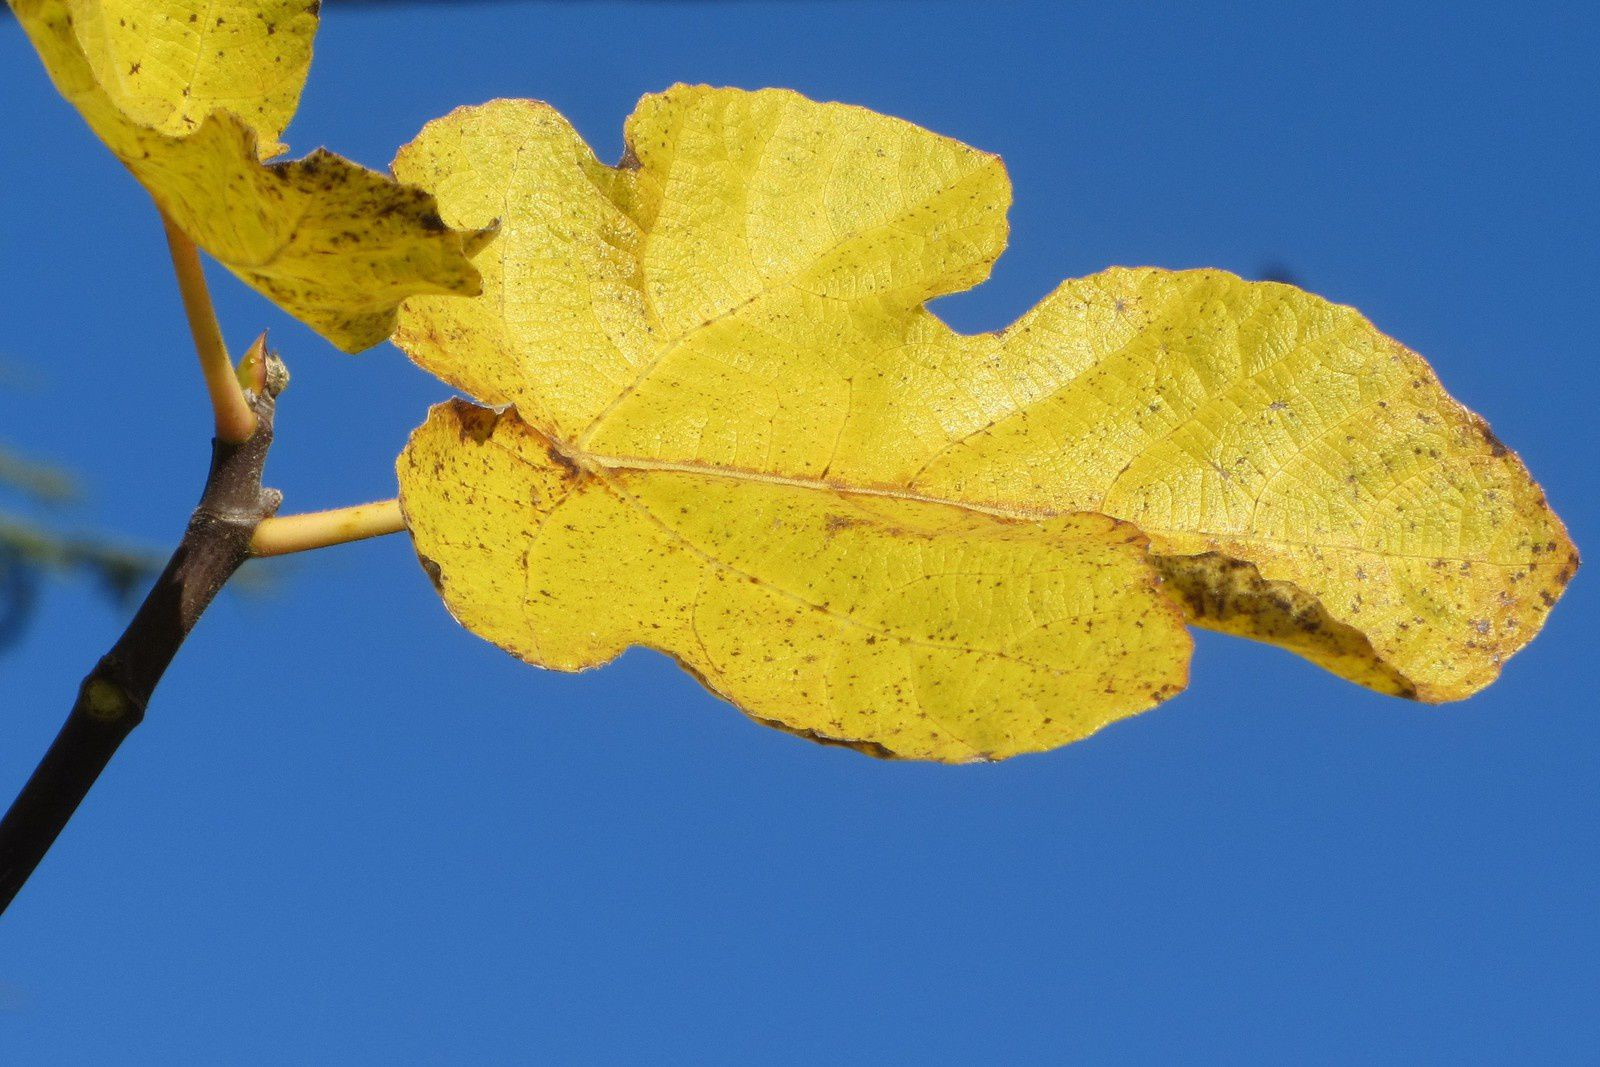 Le ciel d'azur offrait alors une toile de fond parfaite aux feuilles du figuier qui se teintaient d'or.